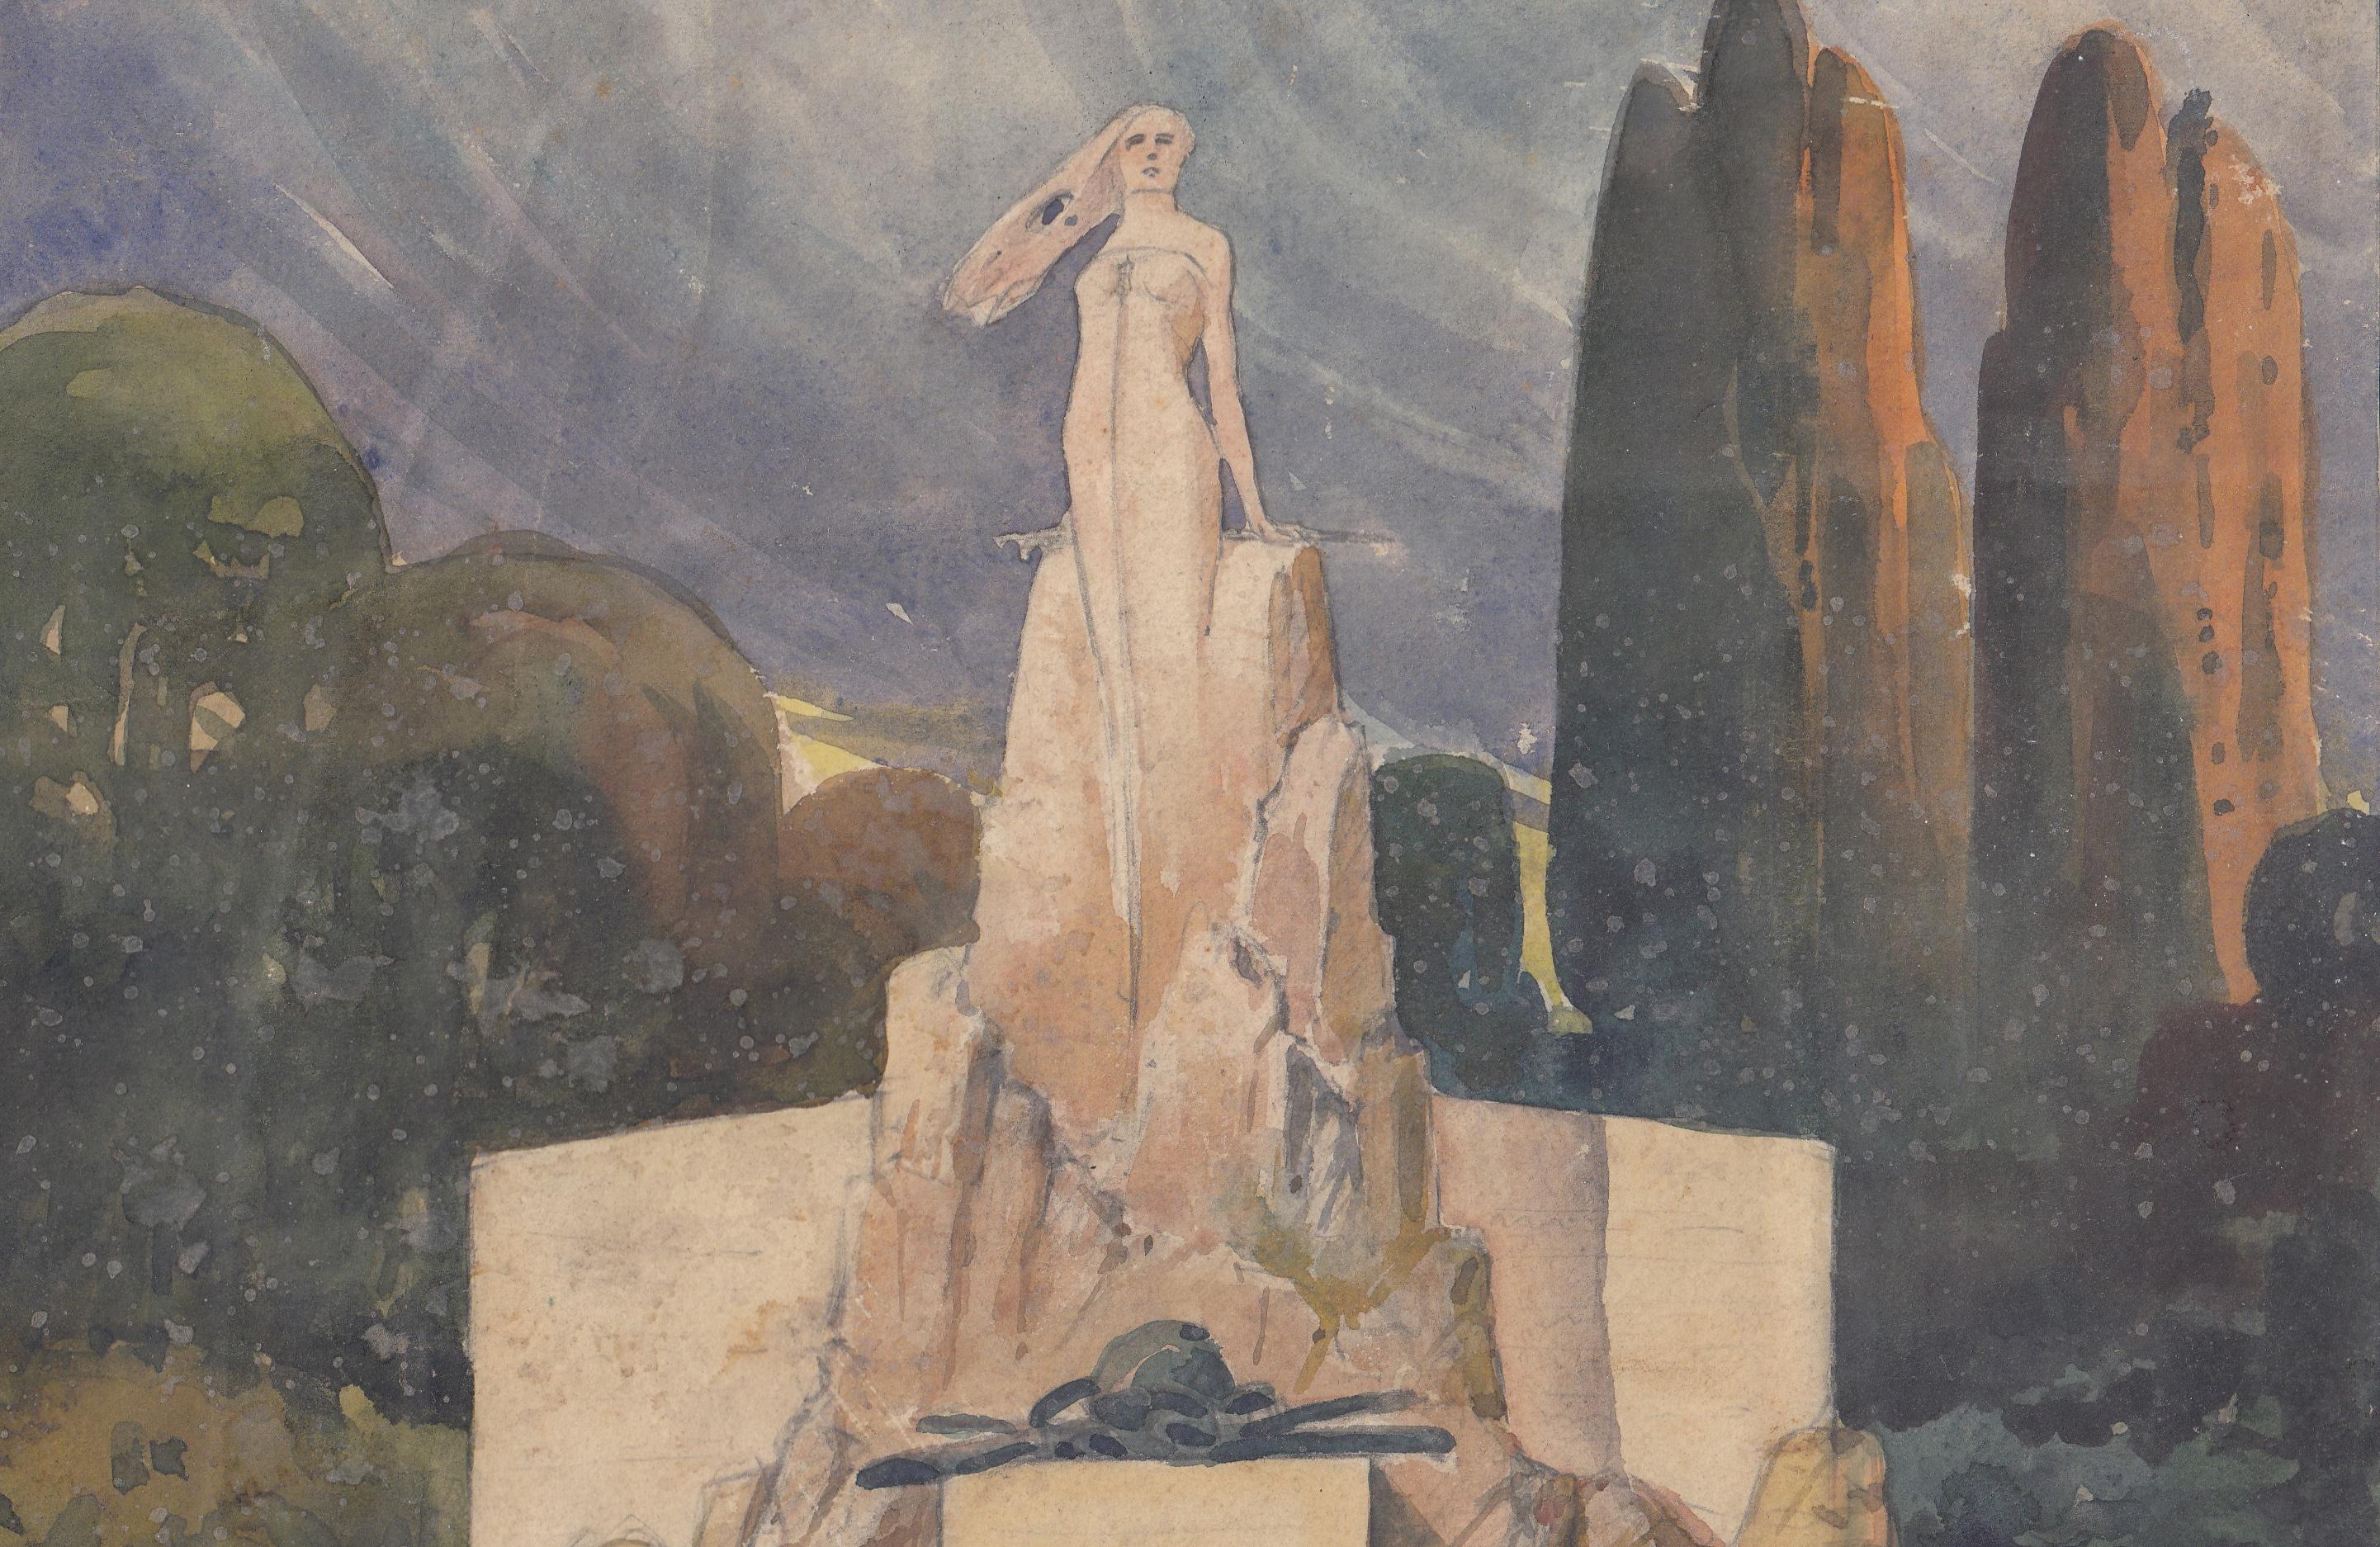 Bozzetto per monumento ai caduti non identificato